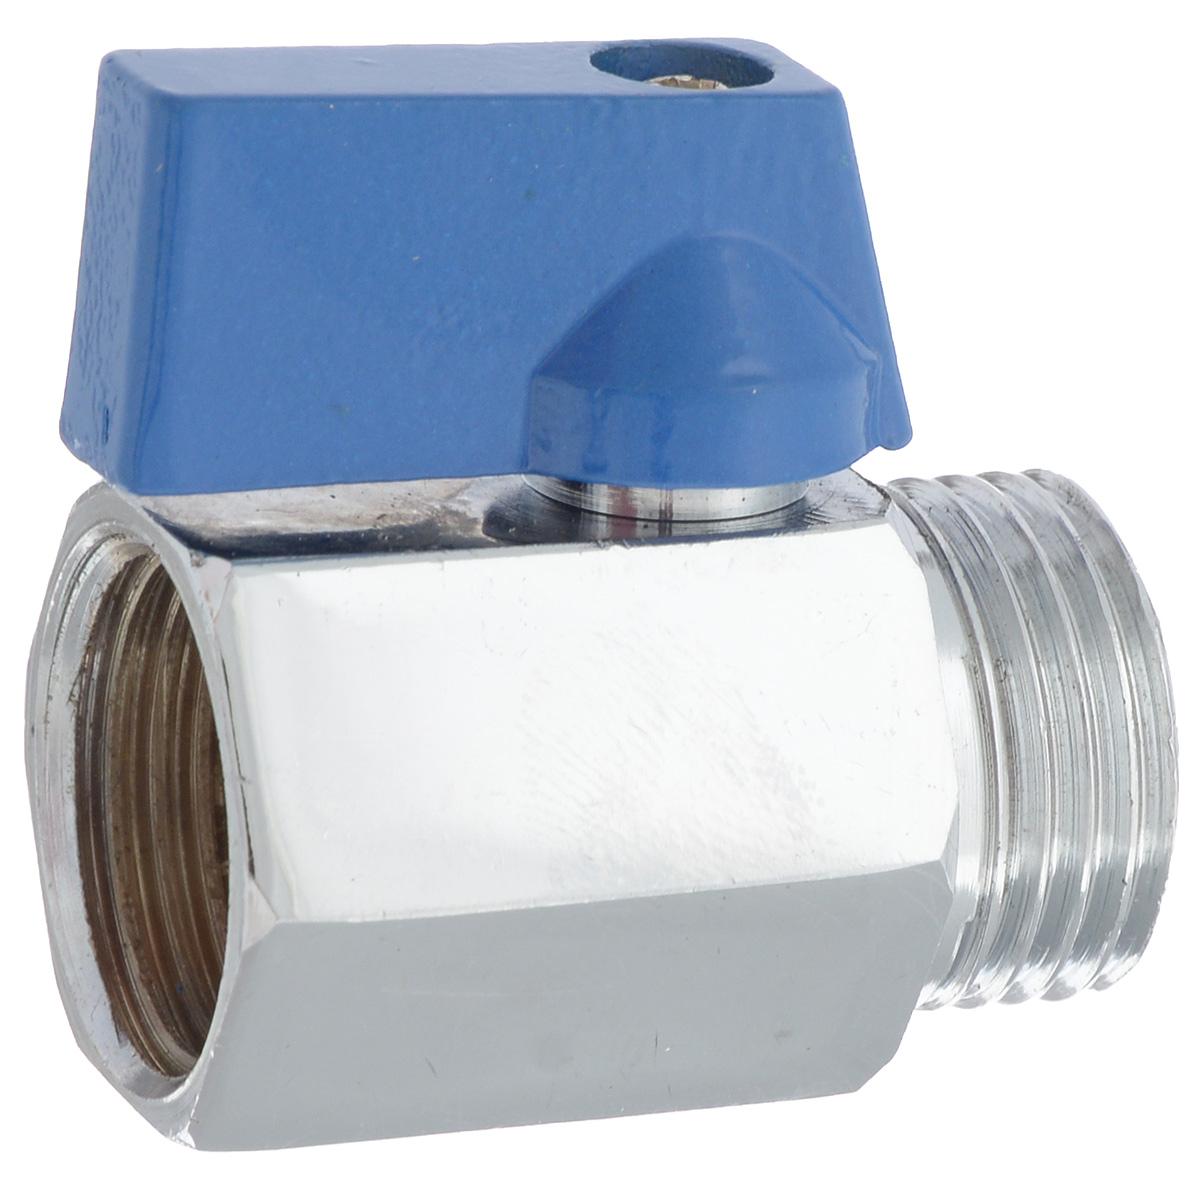 Кран шаровой миний U-tec Best, В - Н, 1/231Шаровой кран U-tec Best изготовлен из латуни и предназначен для установки на трубопроводах в качестве запорного устройства. Используется при работе с водой или паром. Поворотный механизм крана имеет пластиковую ручку.